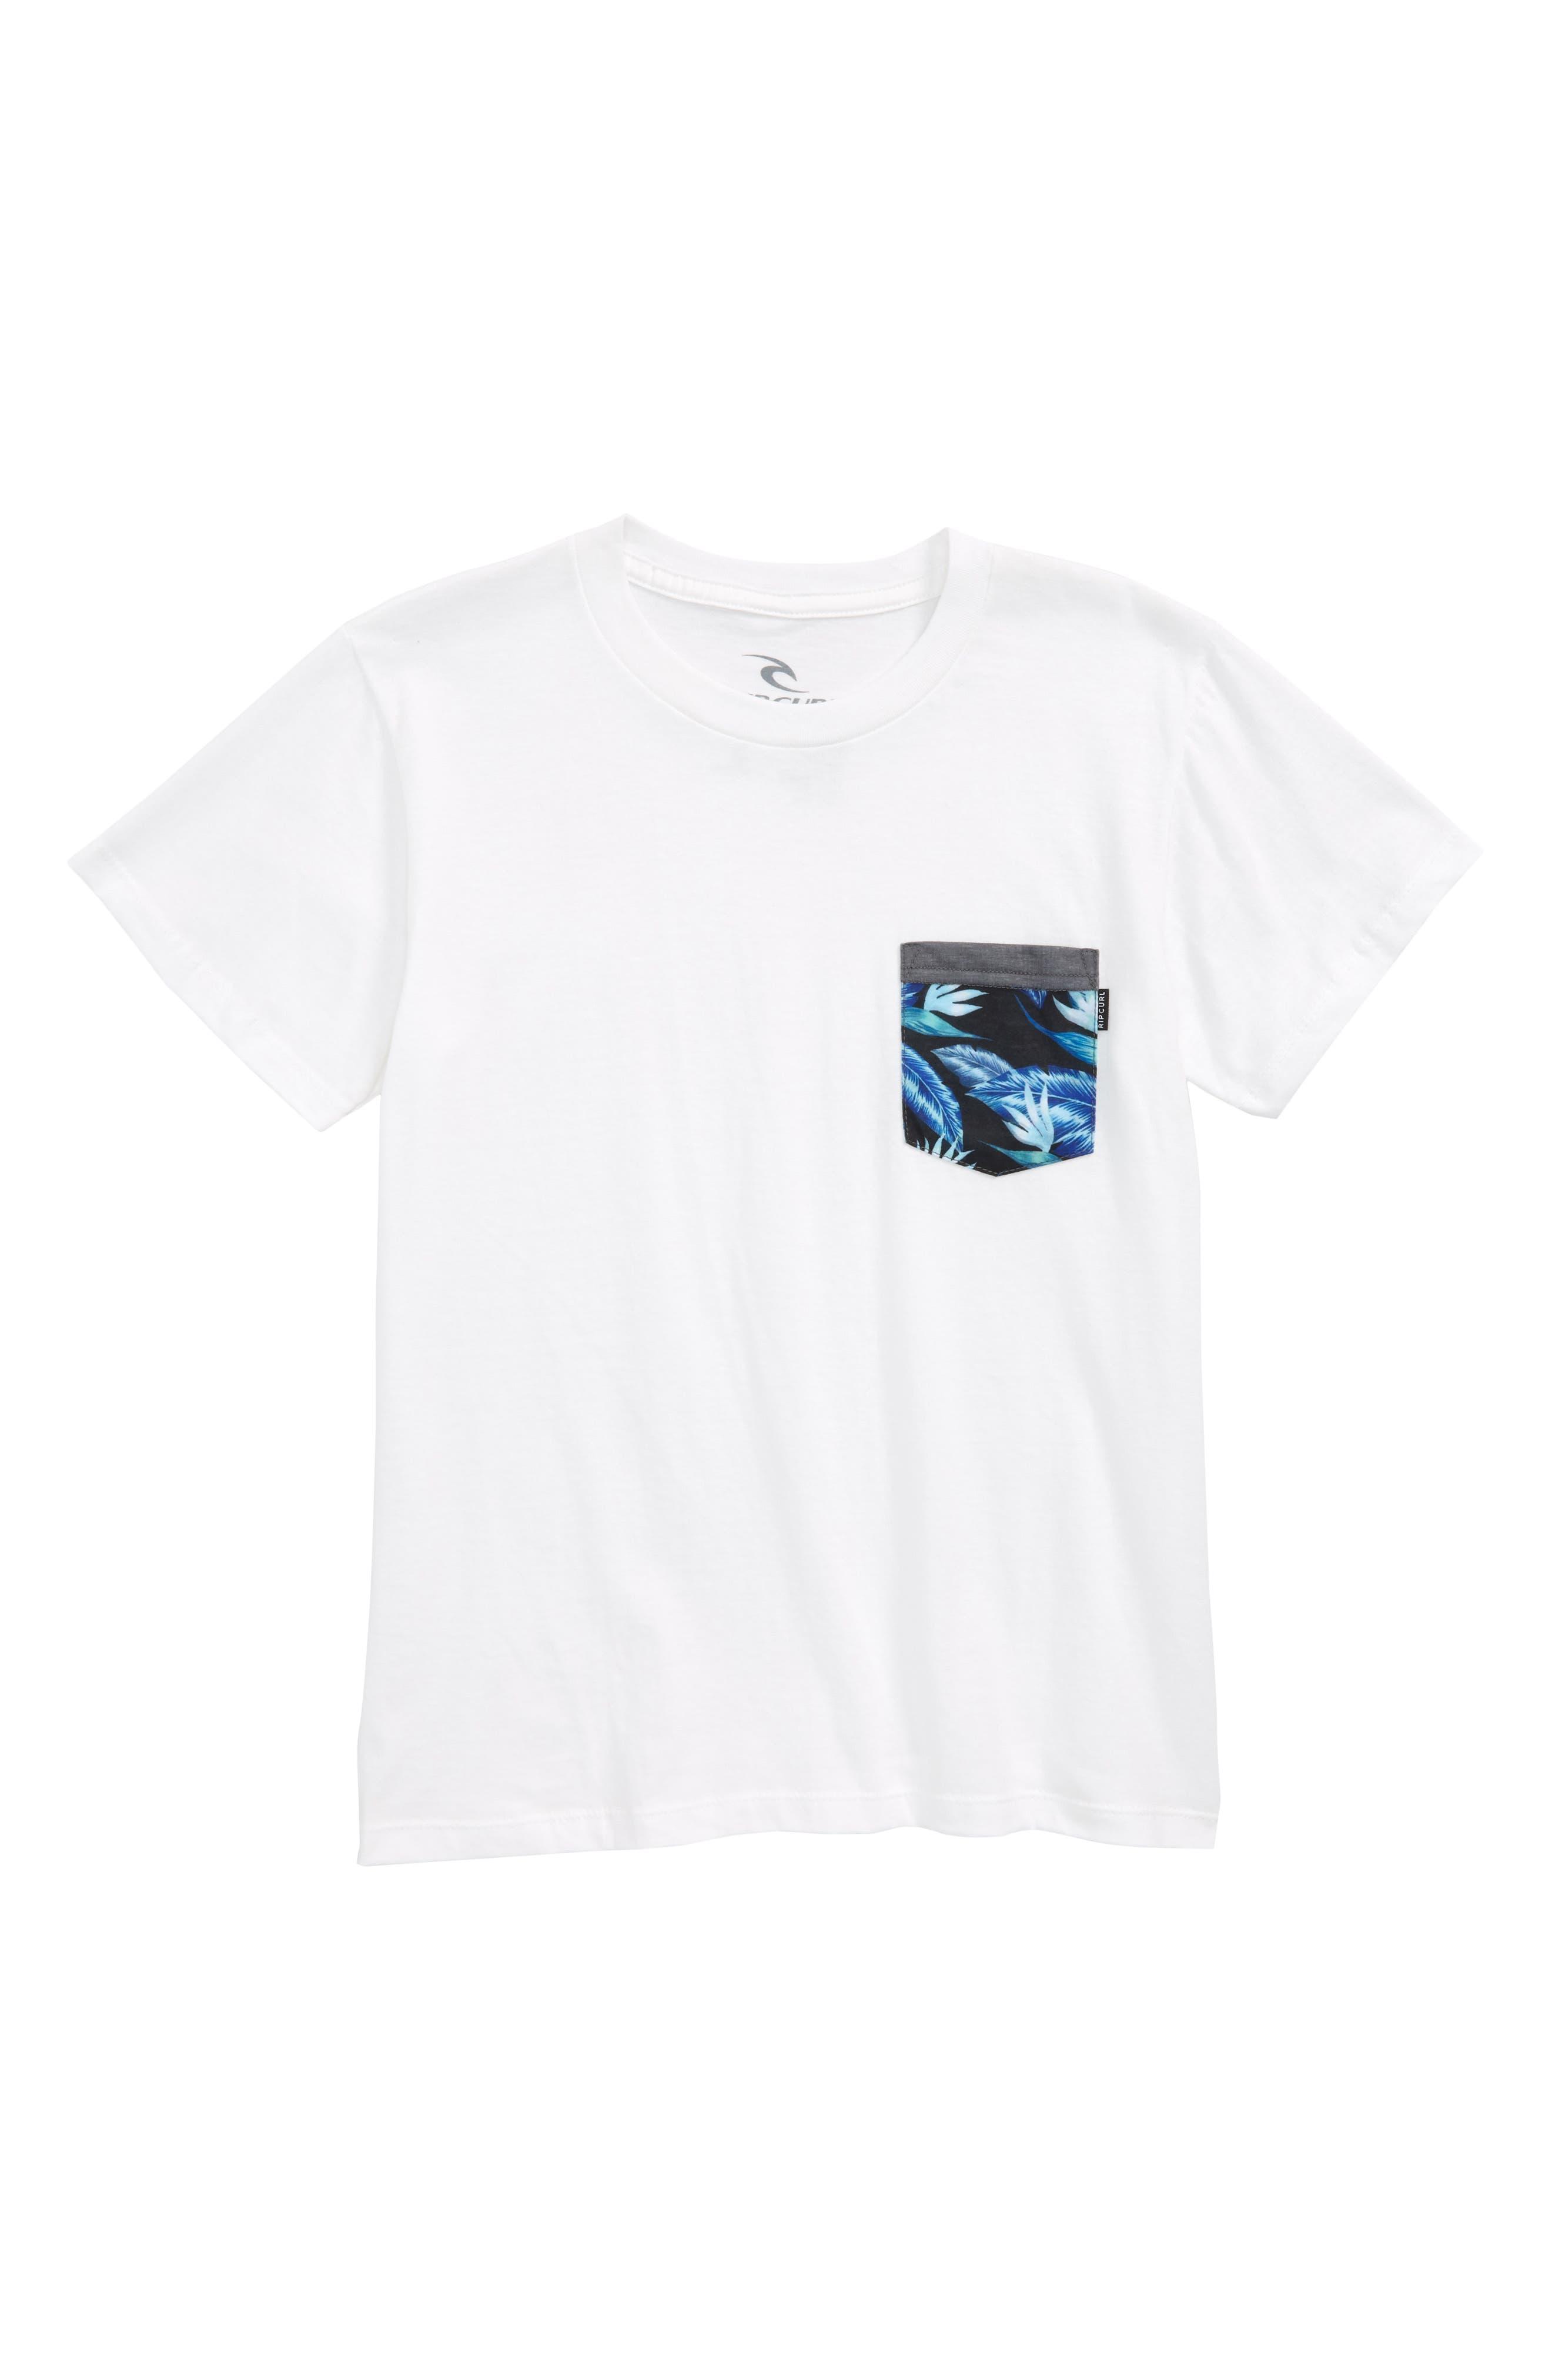 Plethera Premium Pocket T-Shirt,                             Main thumbnail 1, color,                             White